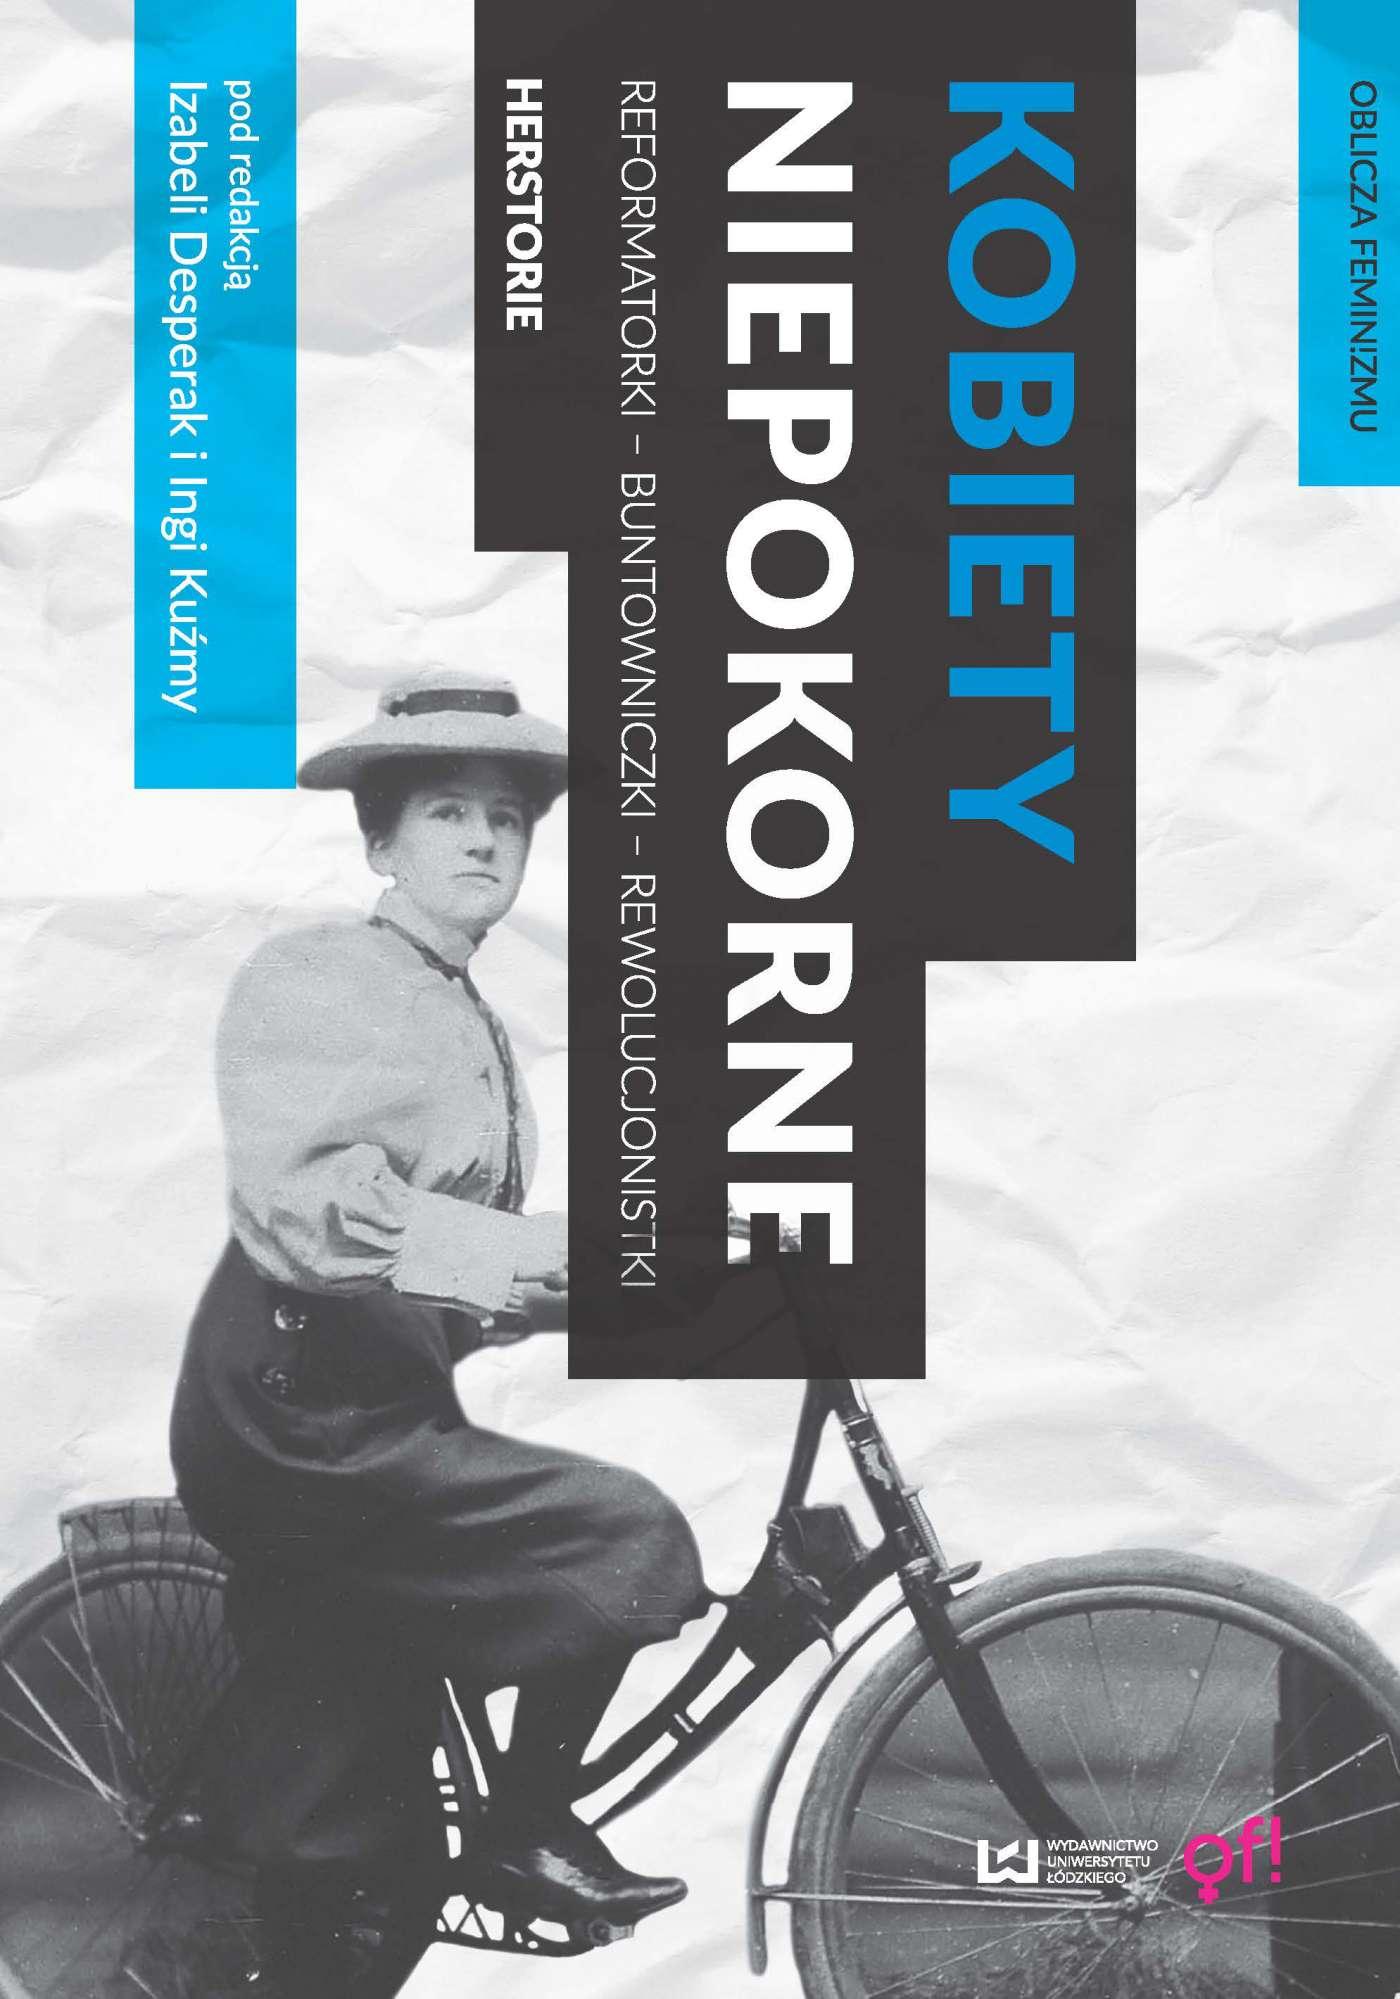 Kobiety niepokorne. Reformatorki - buntowniczki - rewolucjonistki. Herstorie - Ebook (Książka PDF) do pobrania w formacie PDF